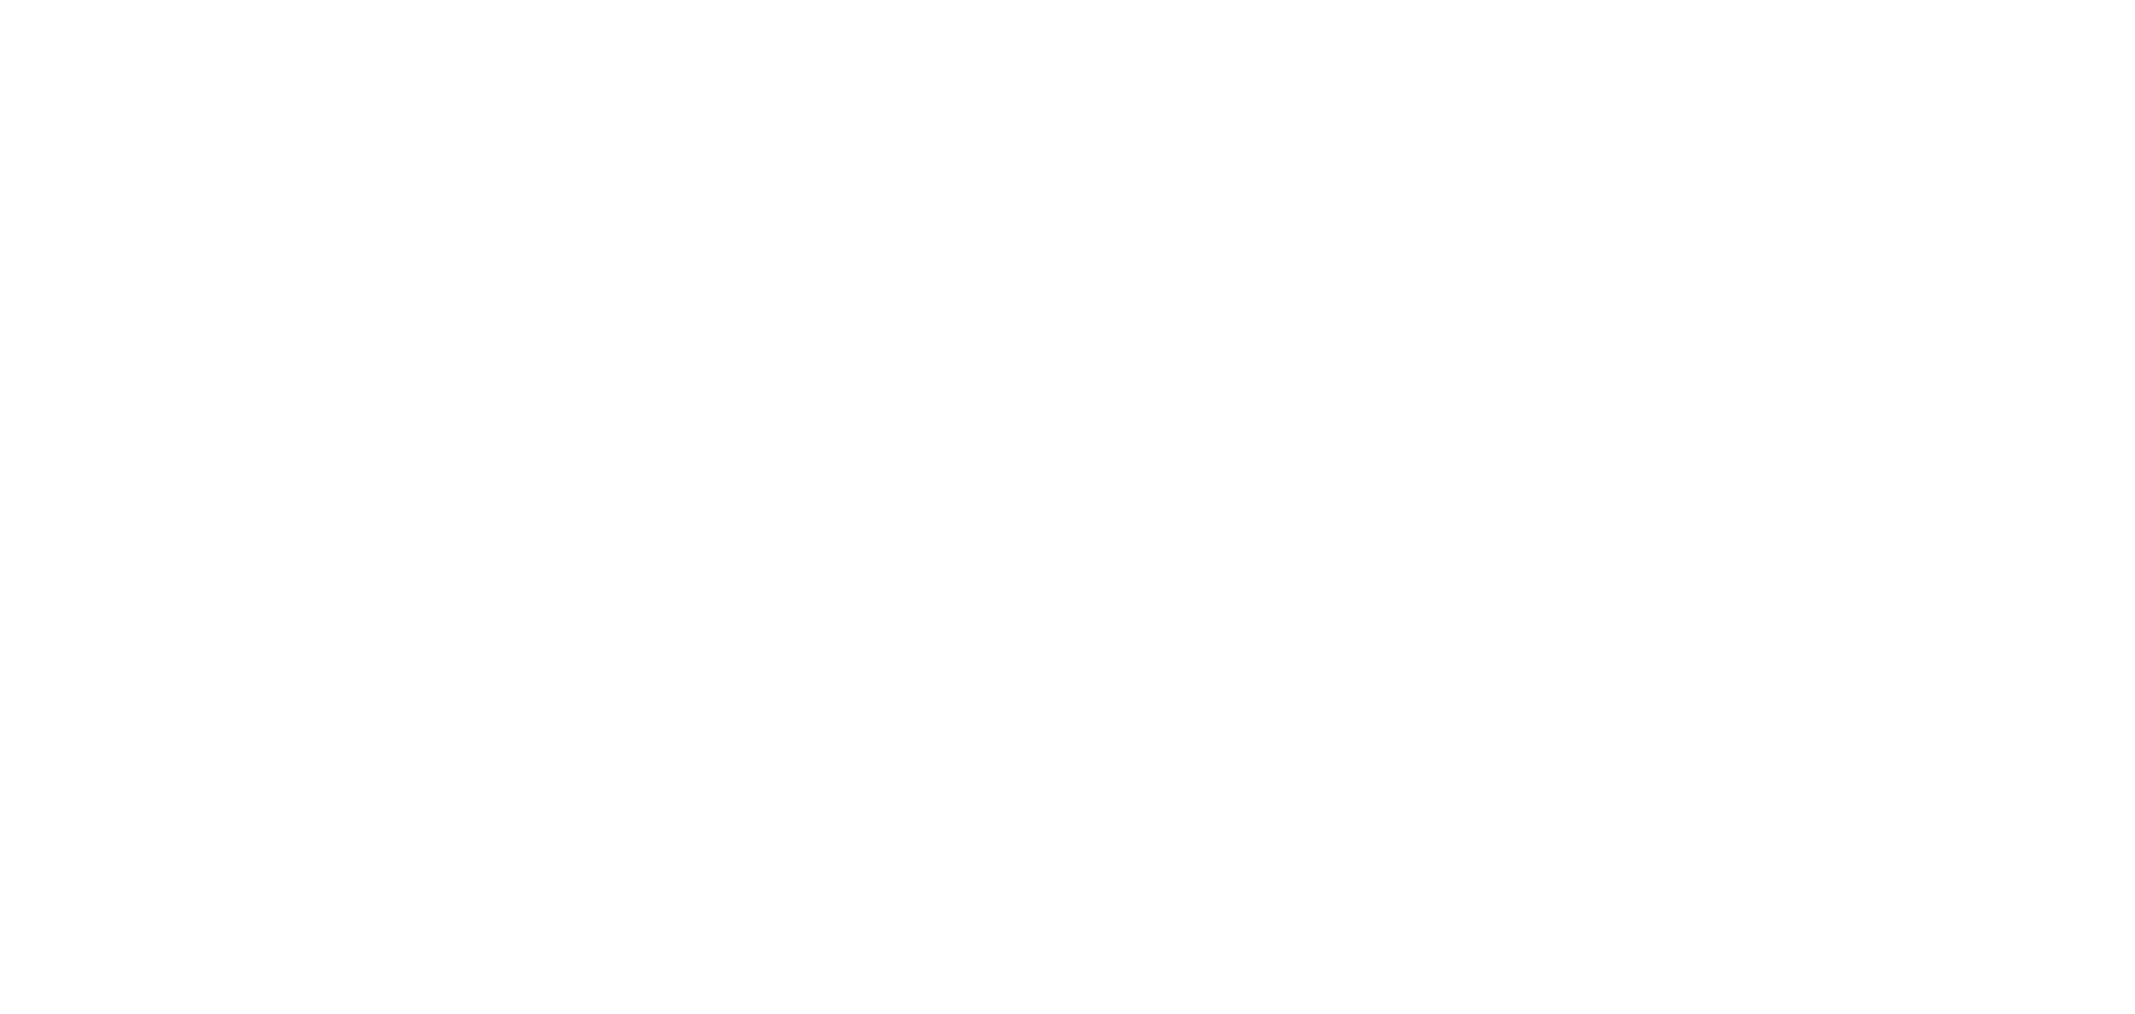 logo_StudioNanc_white